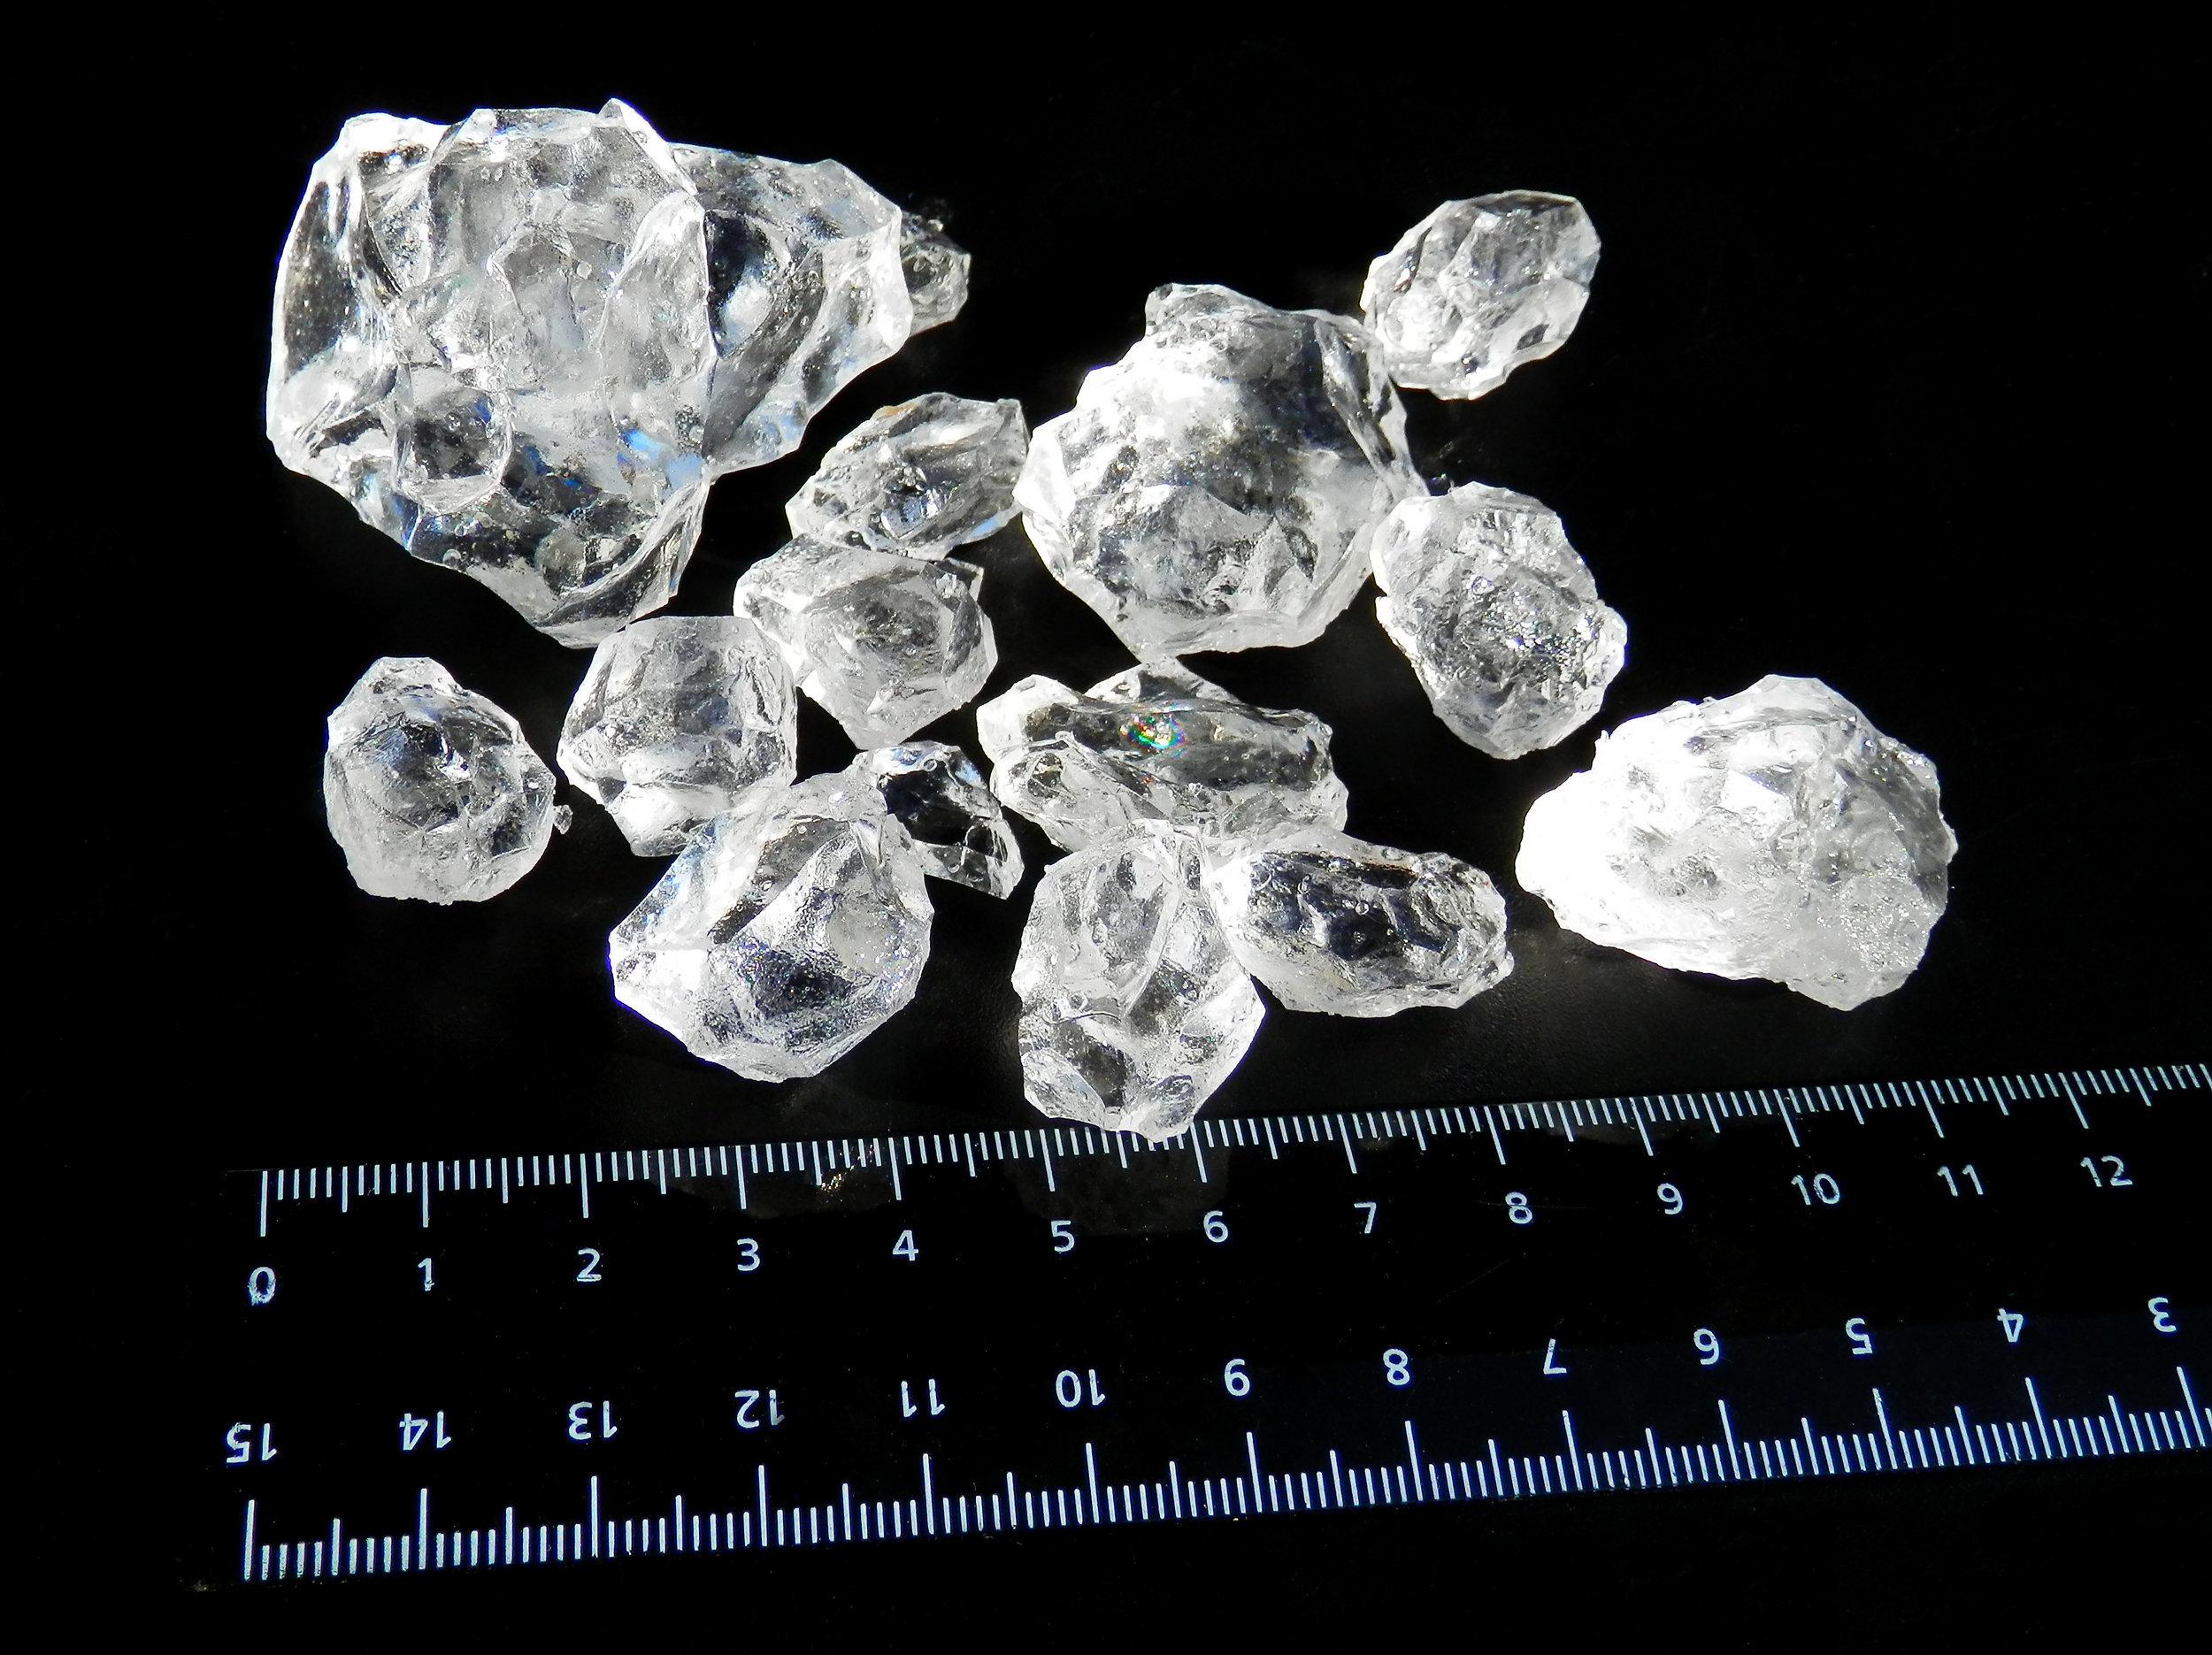 Сarnallite crystals